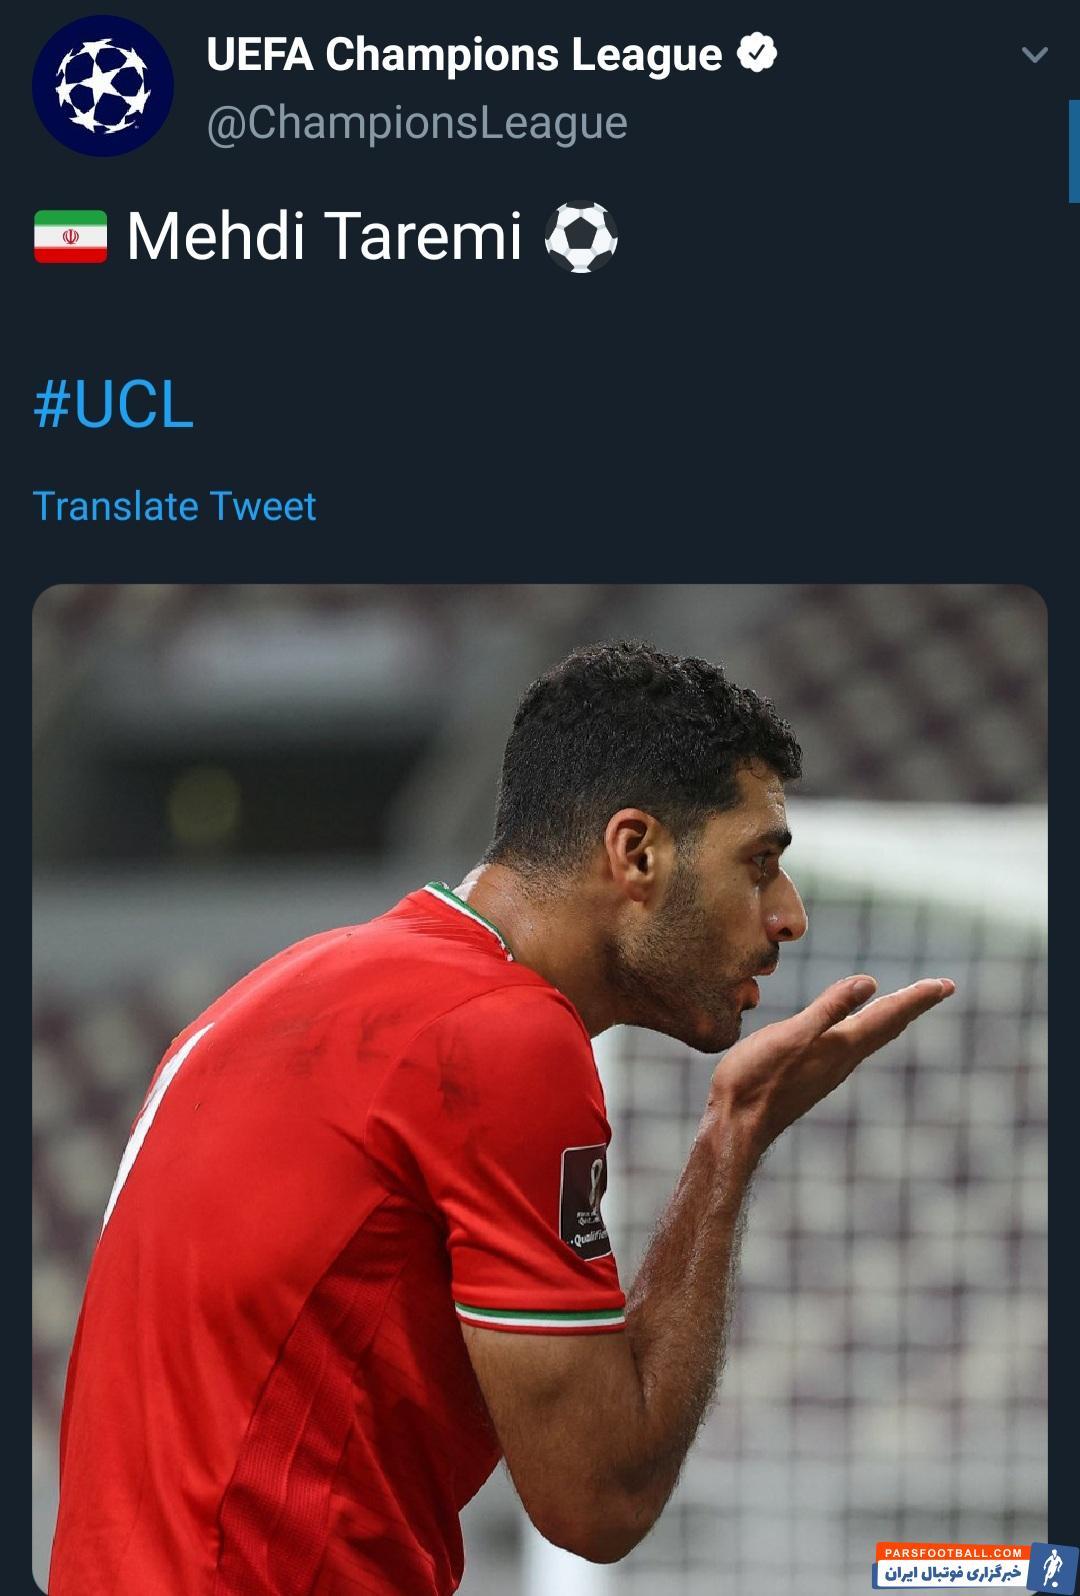 مهدی طارمی در چند فصل گذشته درخشش خیره کننده ای داشته است. ستاره بوشهری در سال 2019 و با انتقال به ریوآوه پا به فوتبال اروپا گذاشت.